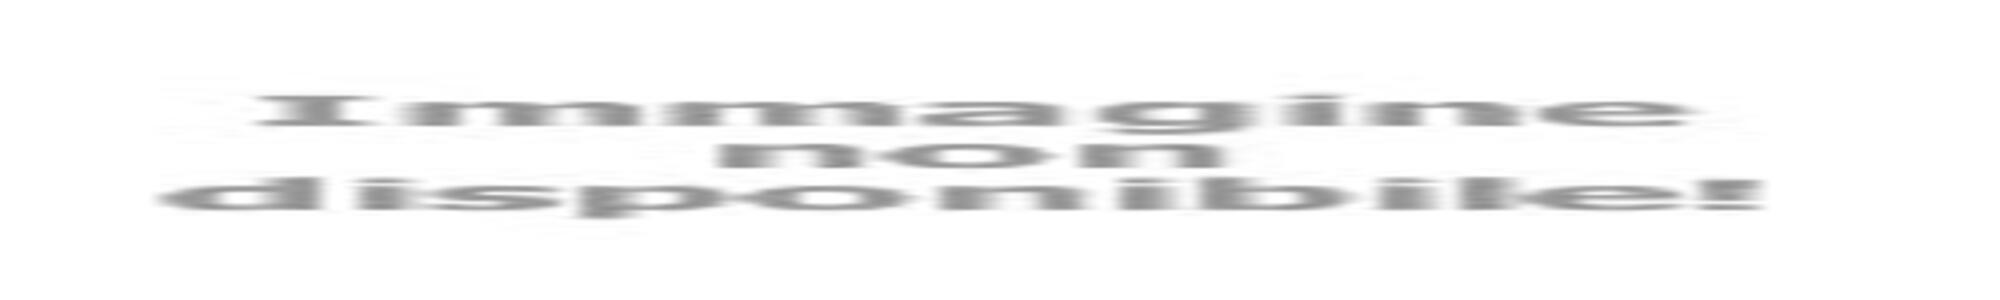 Offerta B&B per Bologna Beer Festival in Hotel vicino alla Fiera